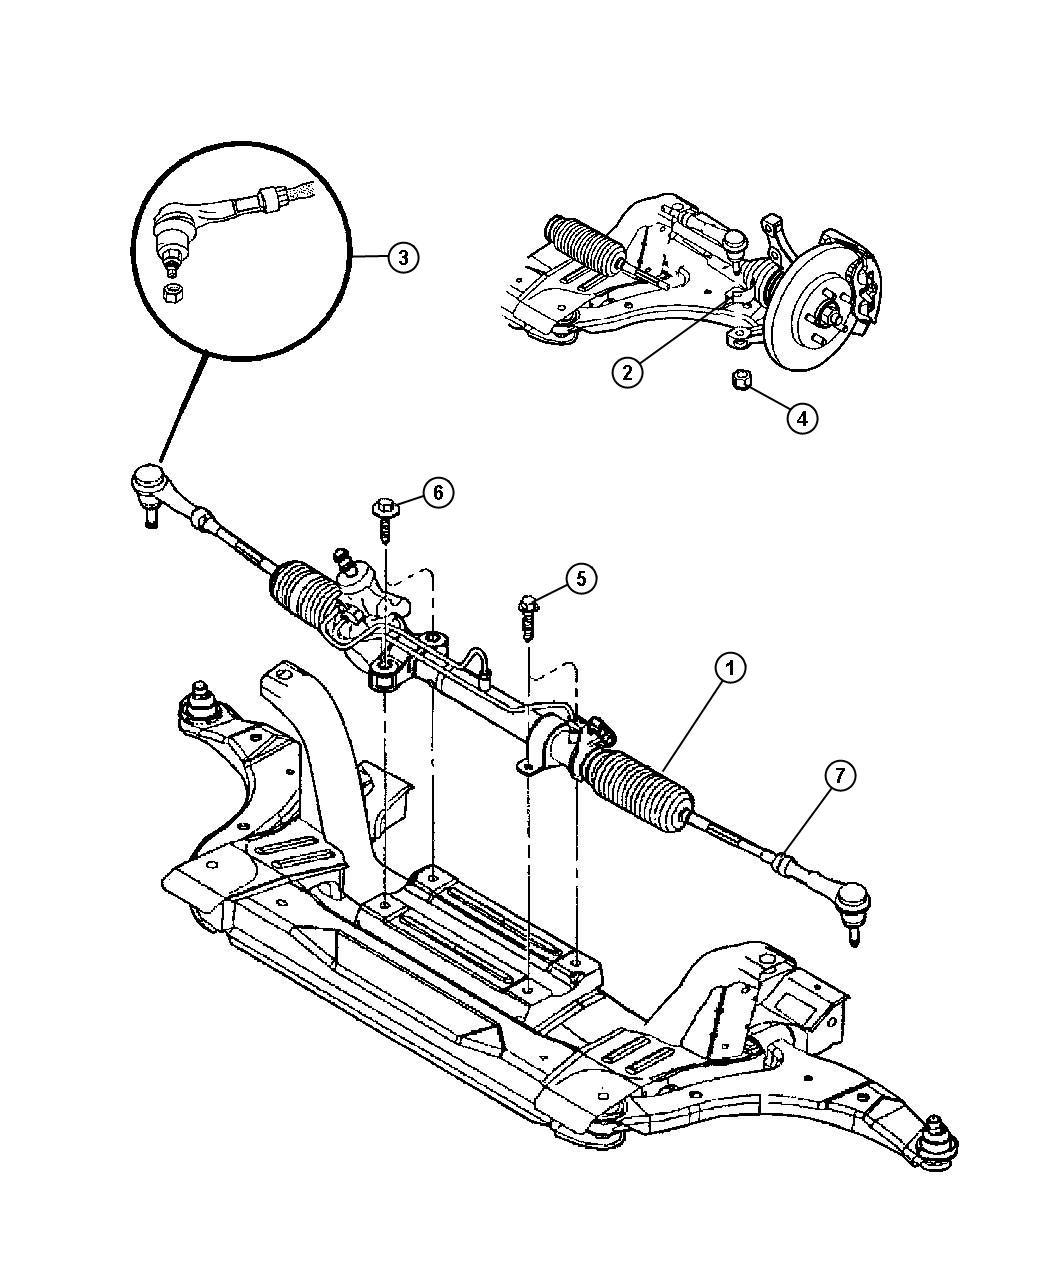 Chrysler PT Cruiser Gear. Power steering, used for: rack